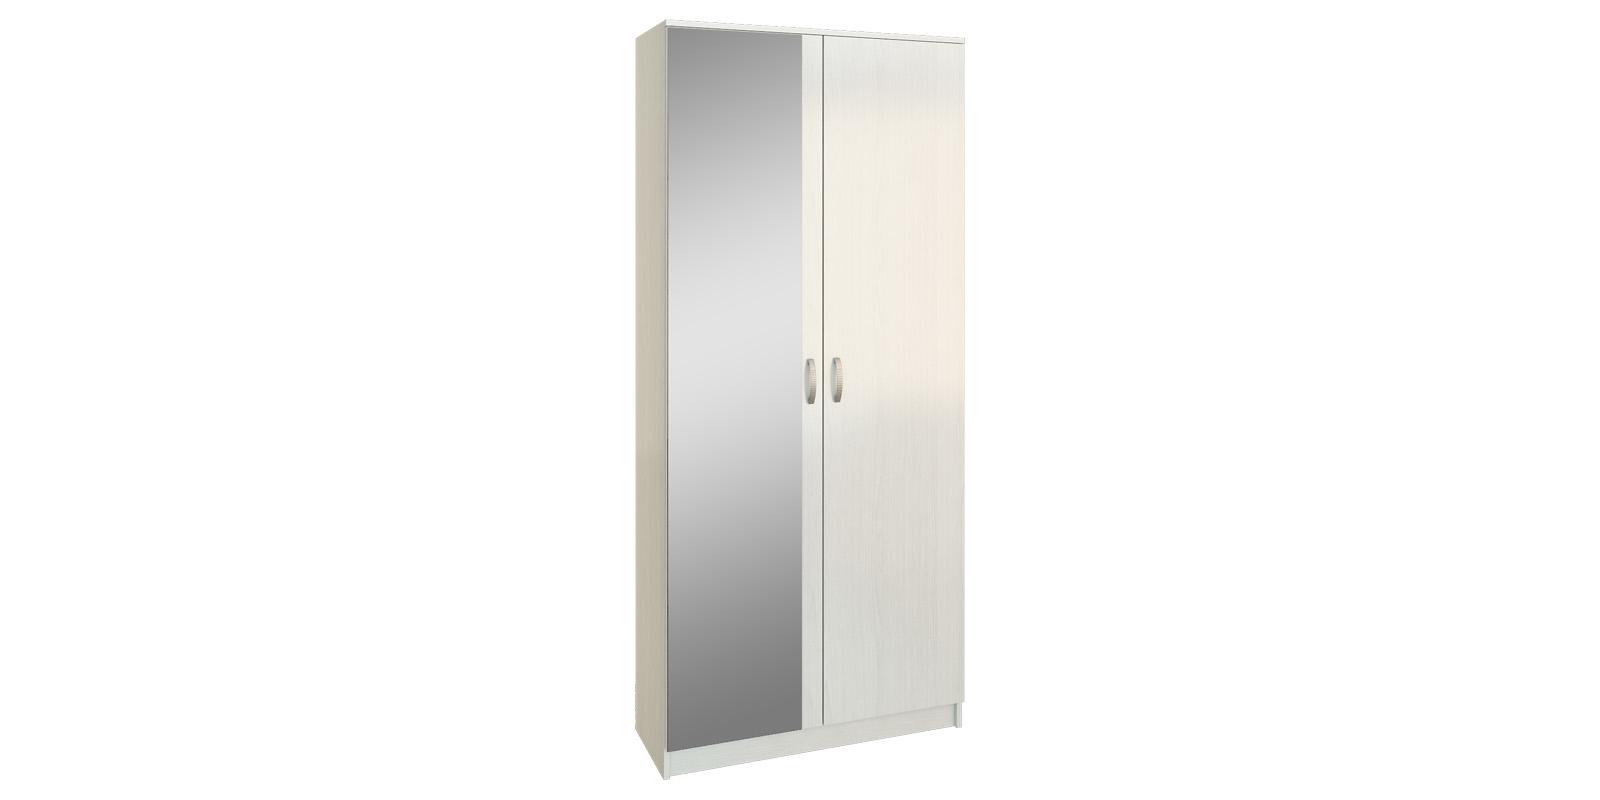 Шкаф распашной двухдверный Хельга вариант №2 (белый)